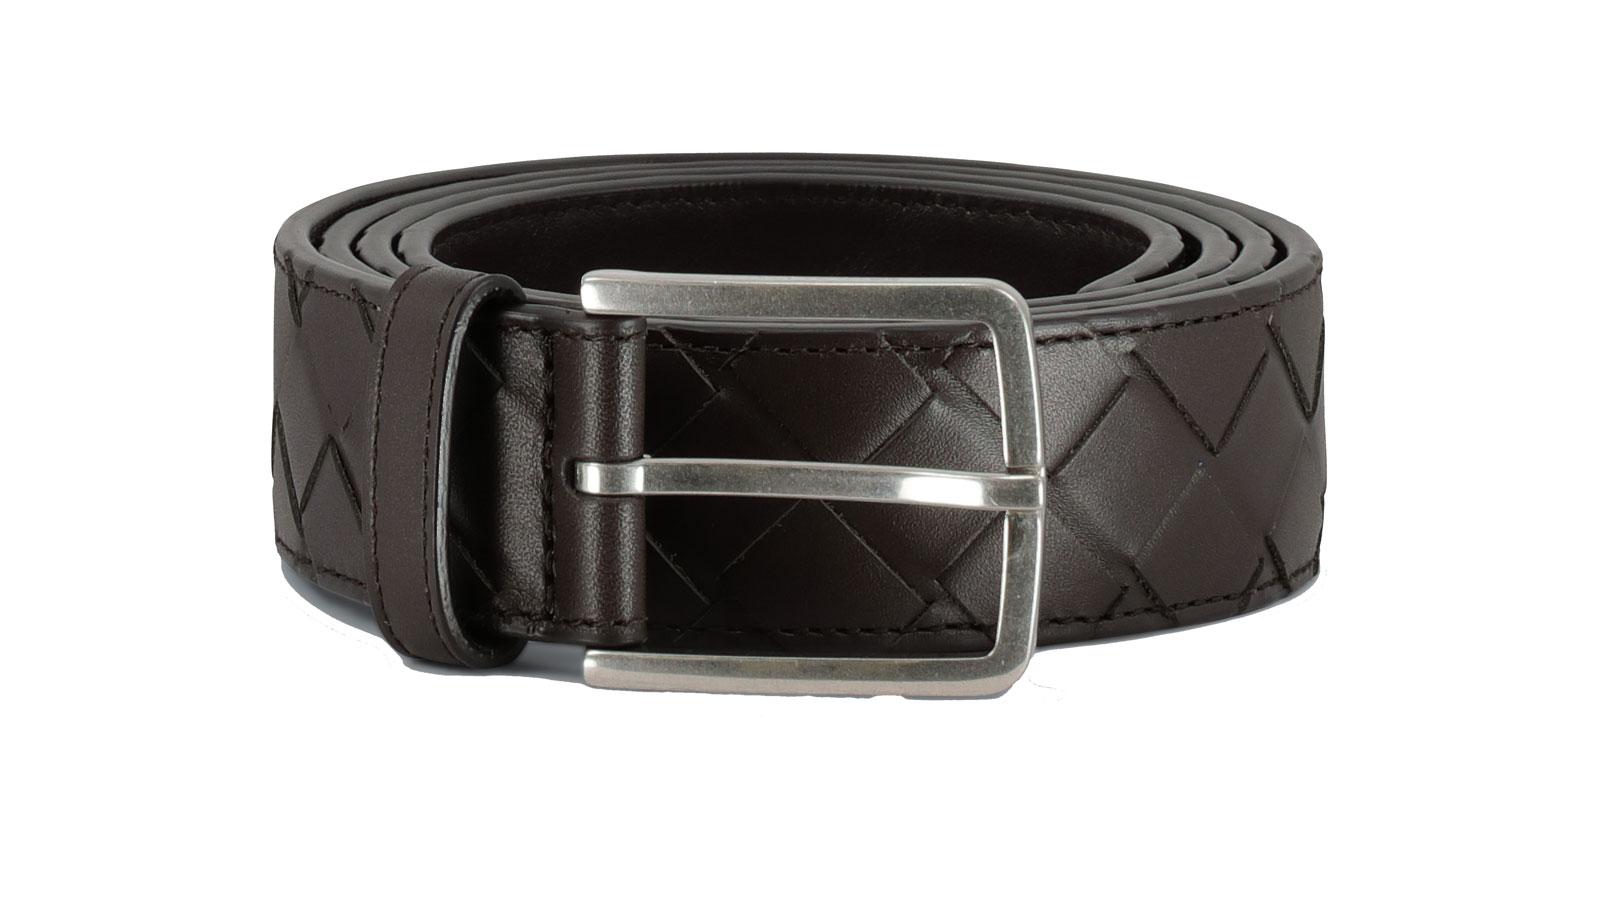 Best Men's Belts 2020: The Best Men's Designer Belts To Buy Now